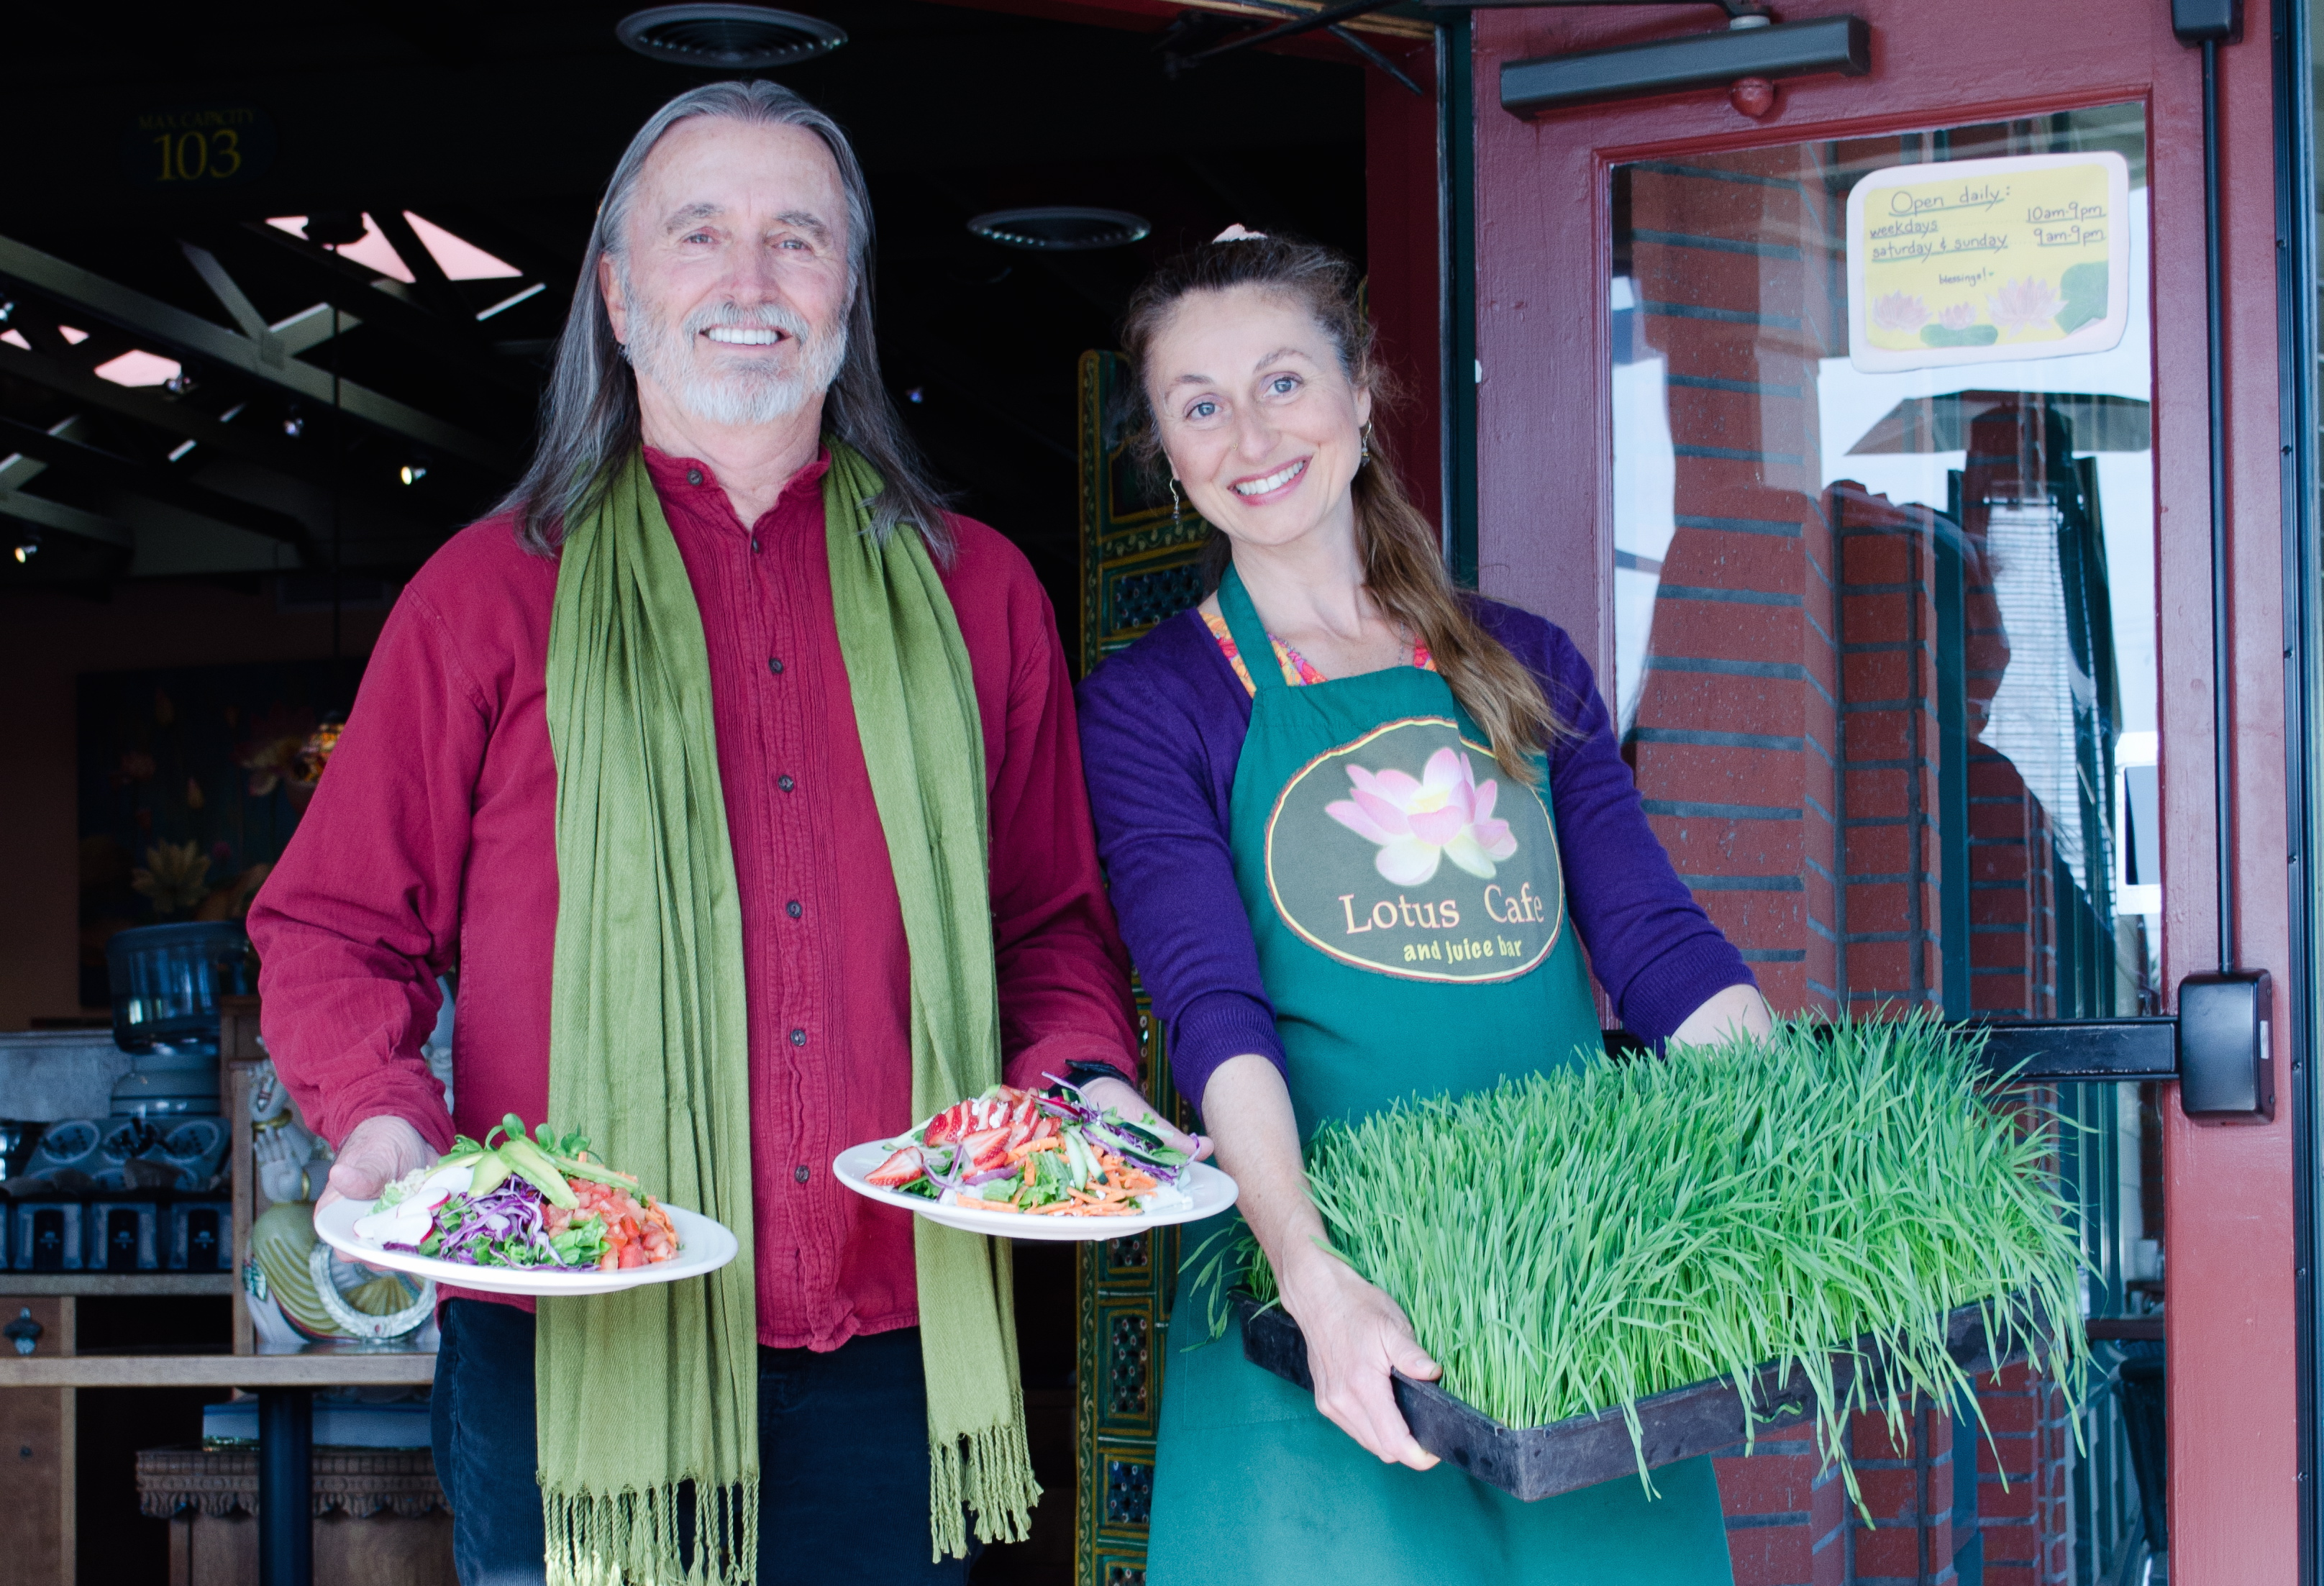 Lotus Cafe Amp Juice Bar 765 S Coast Highway 101 Encinitas